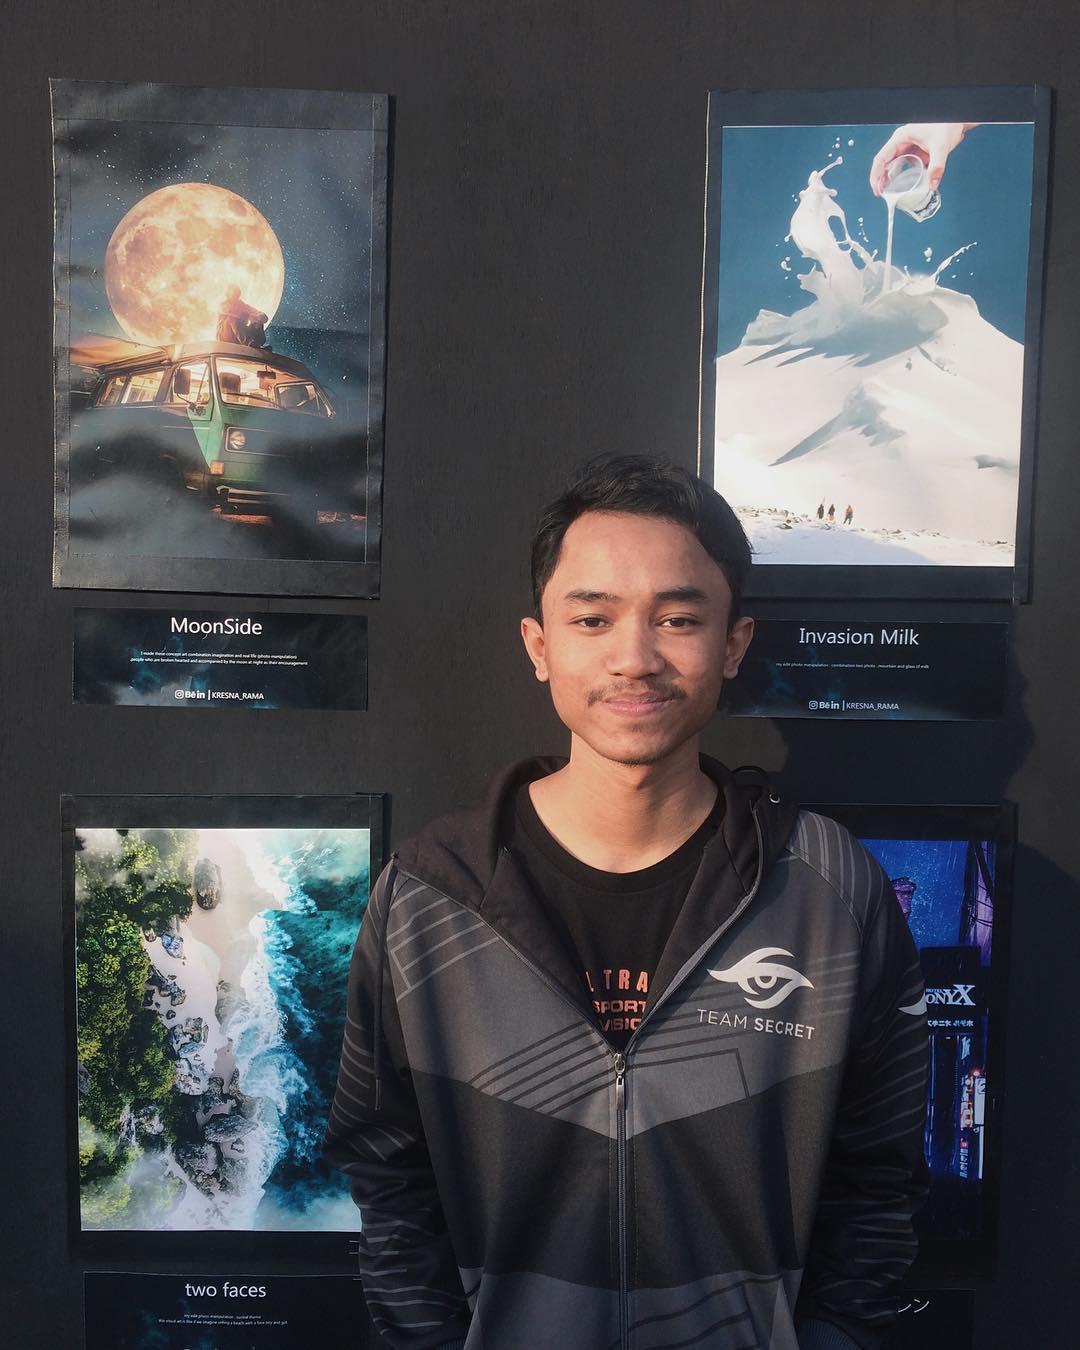 Индонезиец создает нереальные миры за пределами восприятия